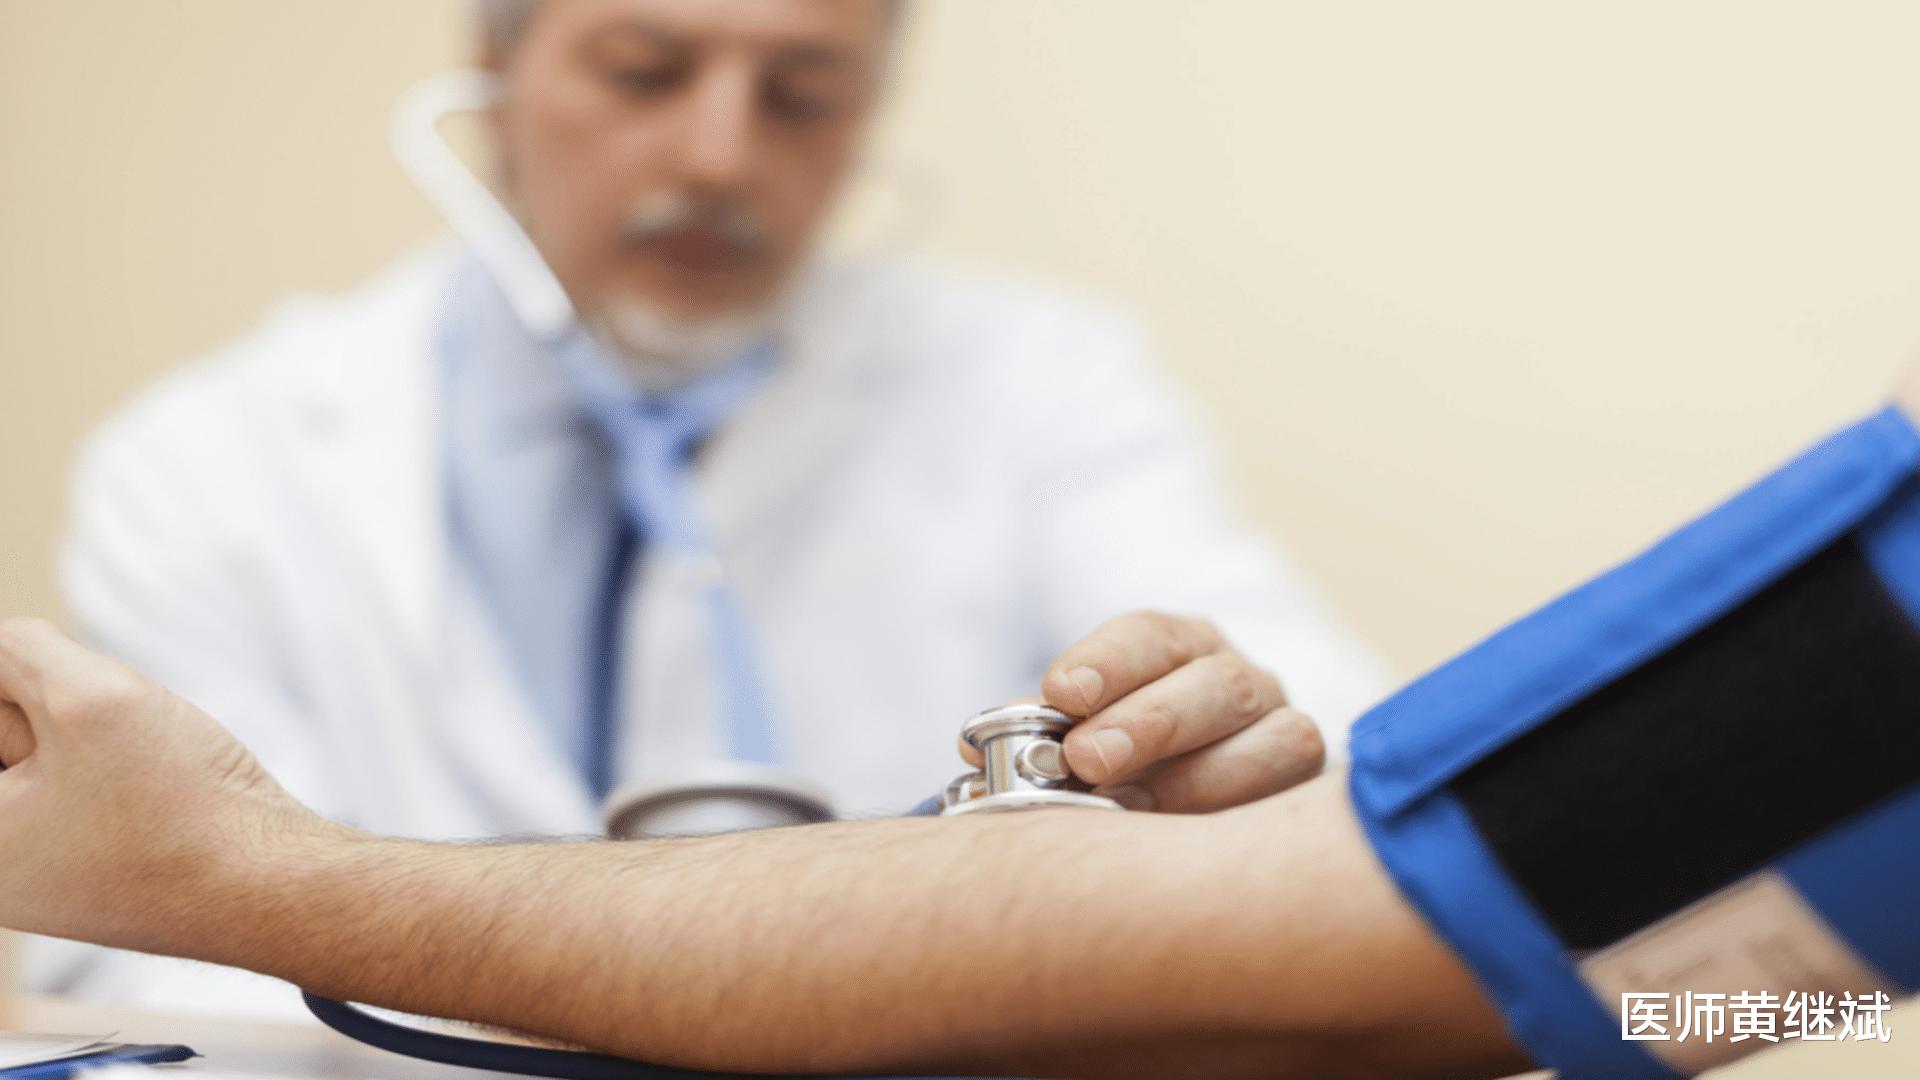 高血压低血压何时测?测出准确血压,找准血压高峰值